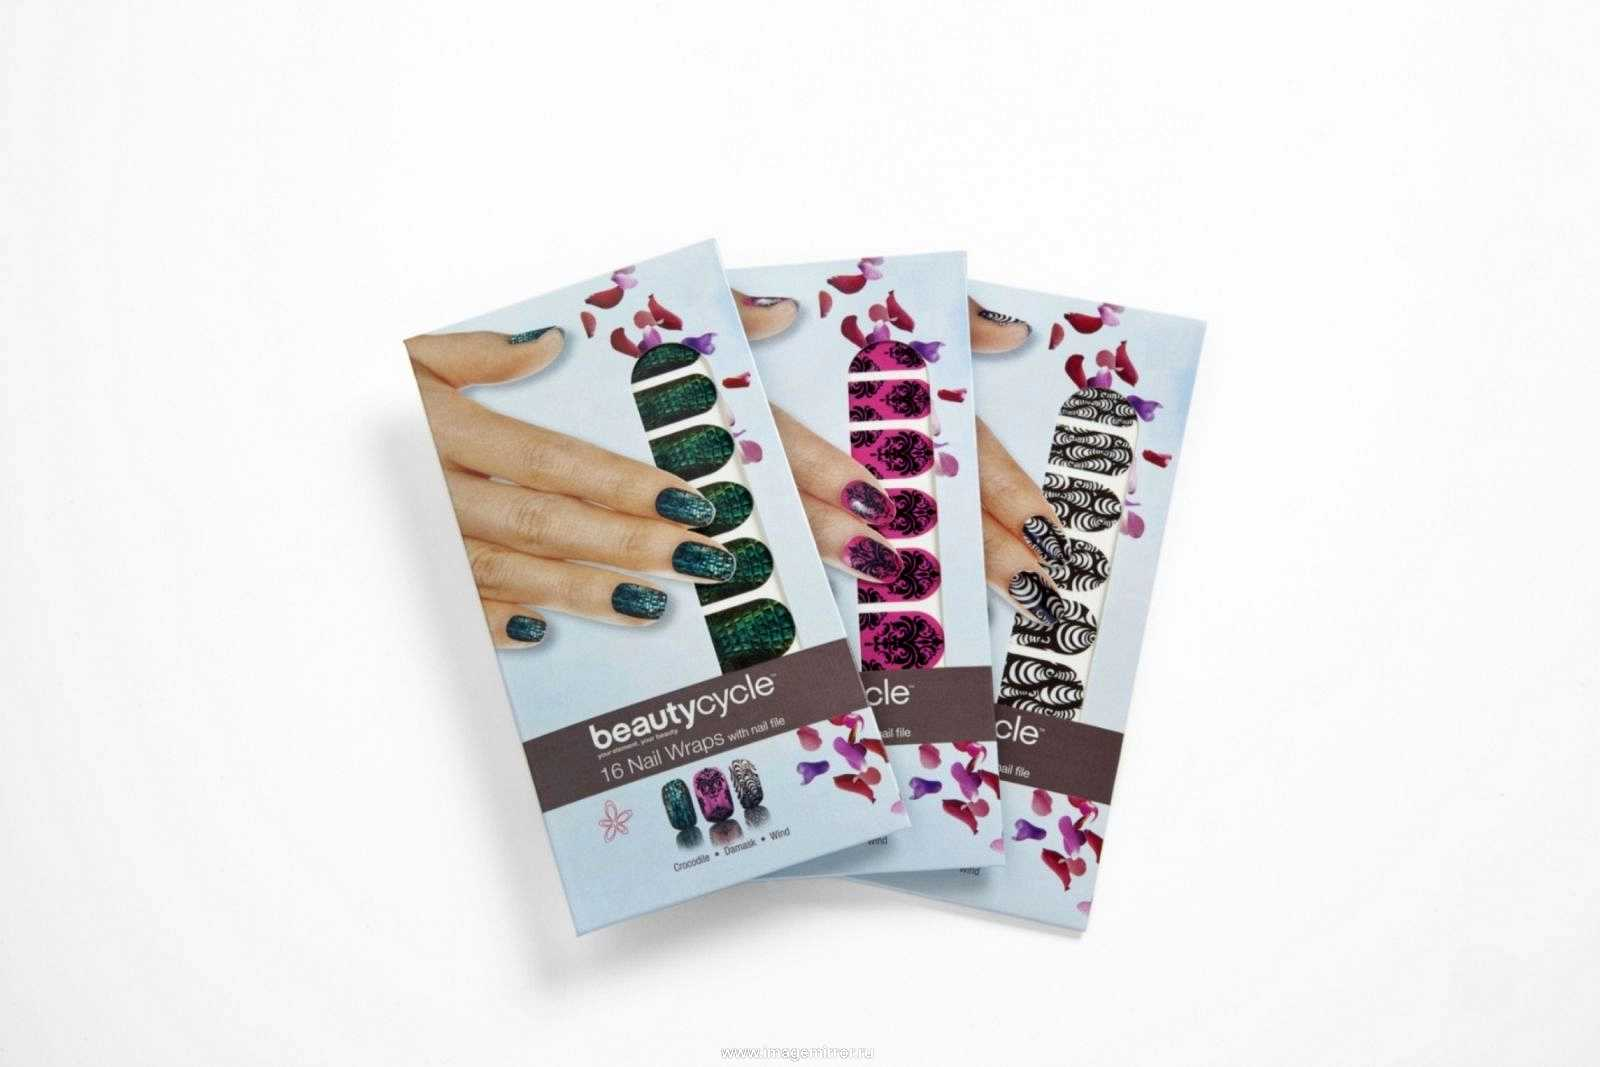 kosmeticheskie i gigienicheskie novinki vesny 2013 vybor red 9